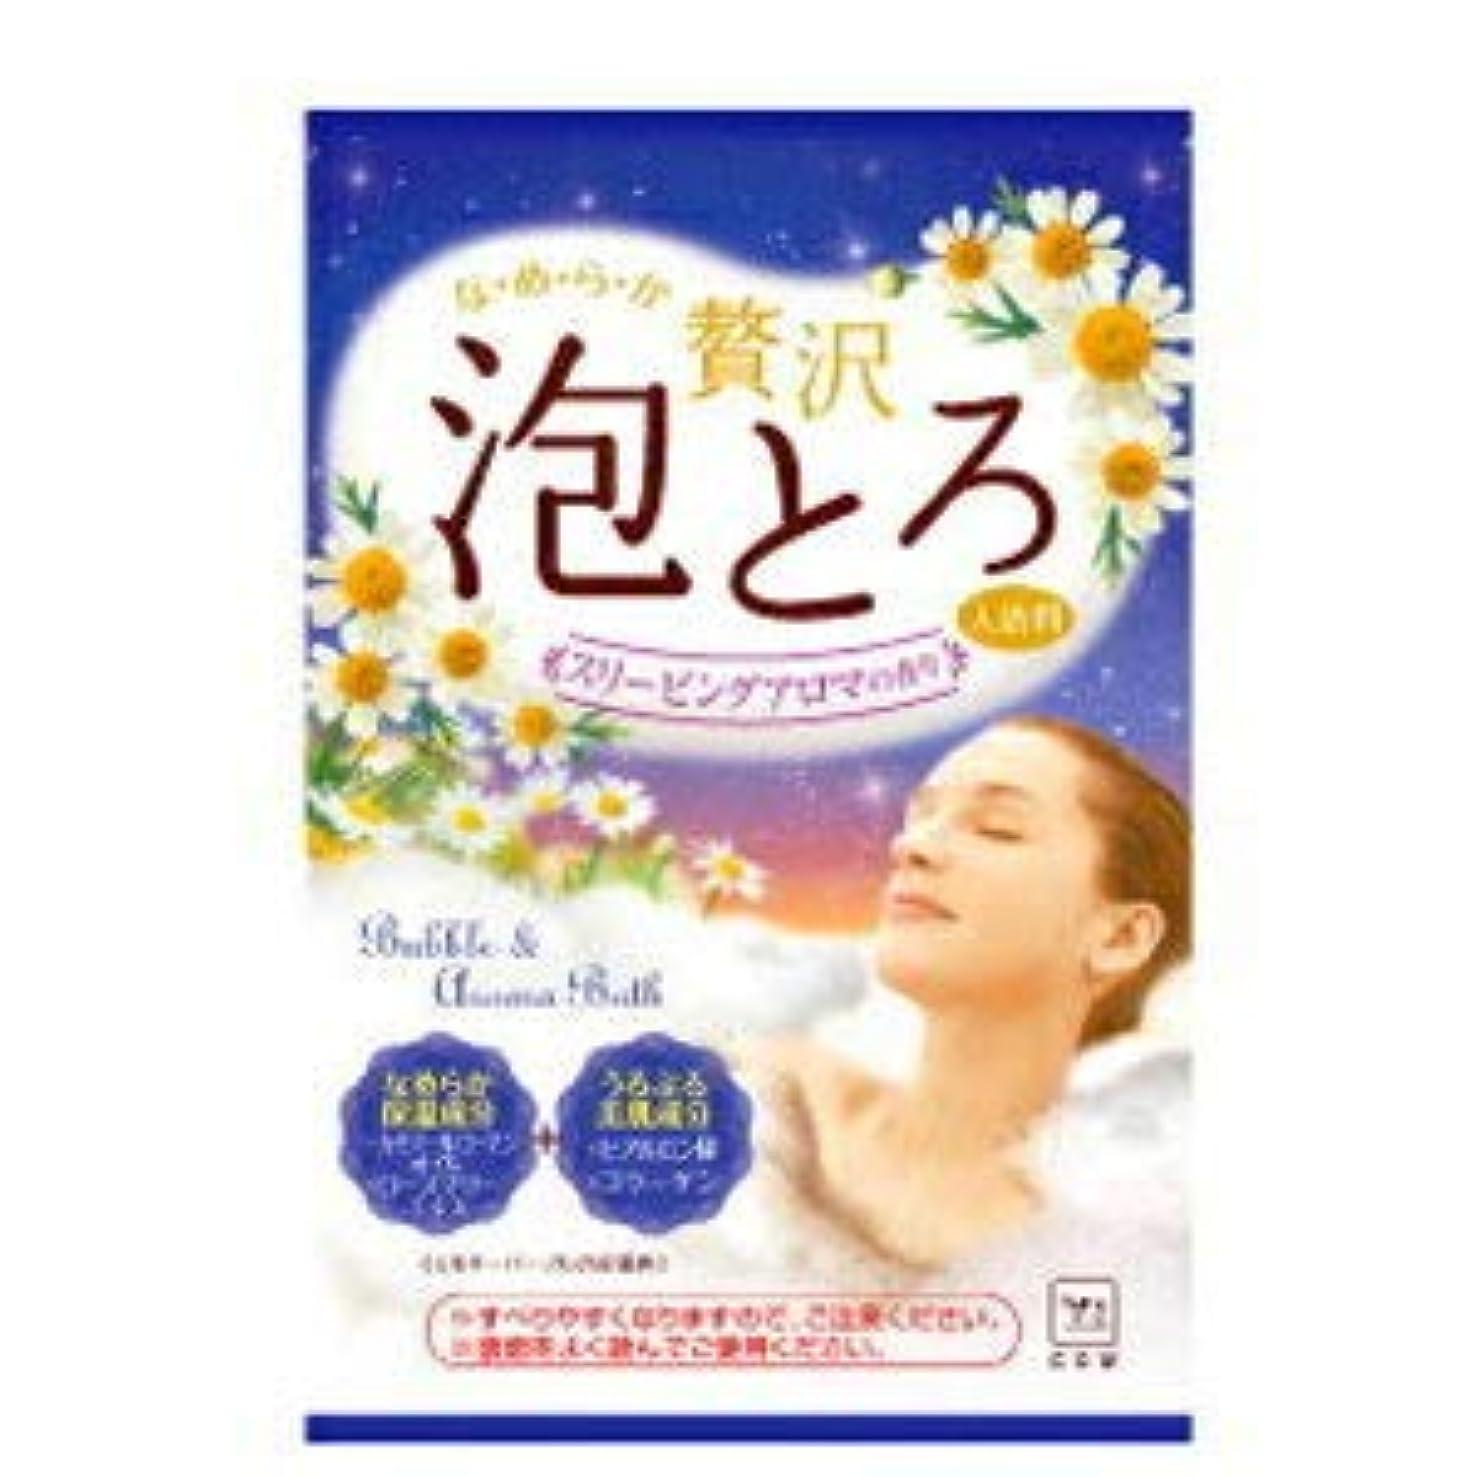 敬意を表する時間厳守架空の牛乳石鹸 お湯物語 贅沢泡とろ 入浴料 スリーピングアロマ 30g 16個セット